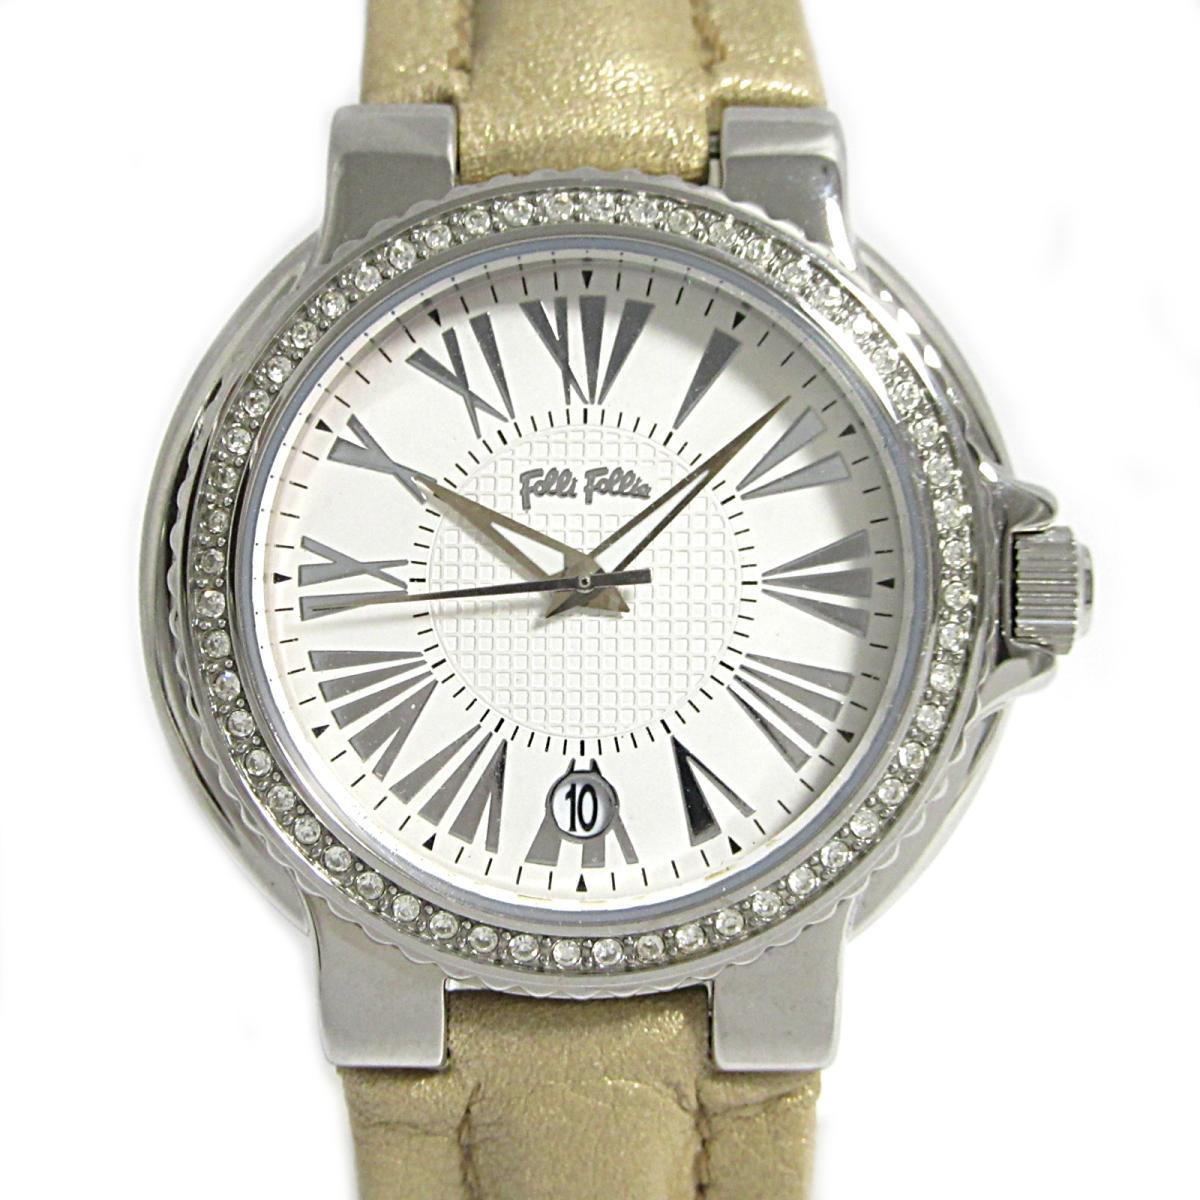 腕時計, 男女兼用腕時計 GET (SS) (WF6A003SD) Folli Follie BRANDOFF